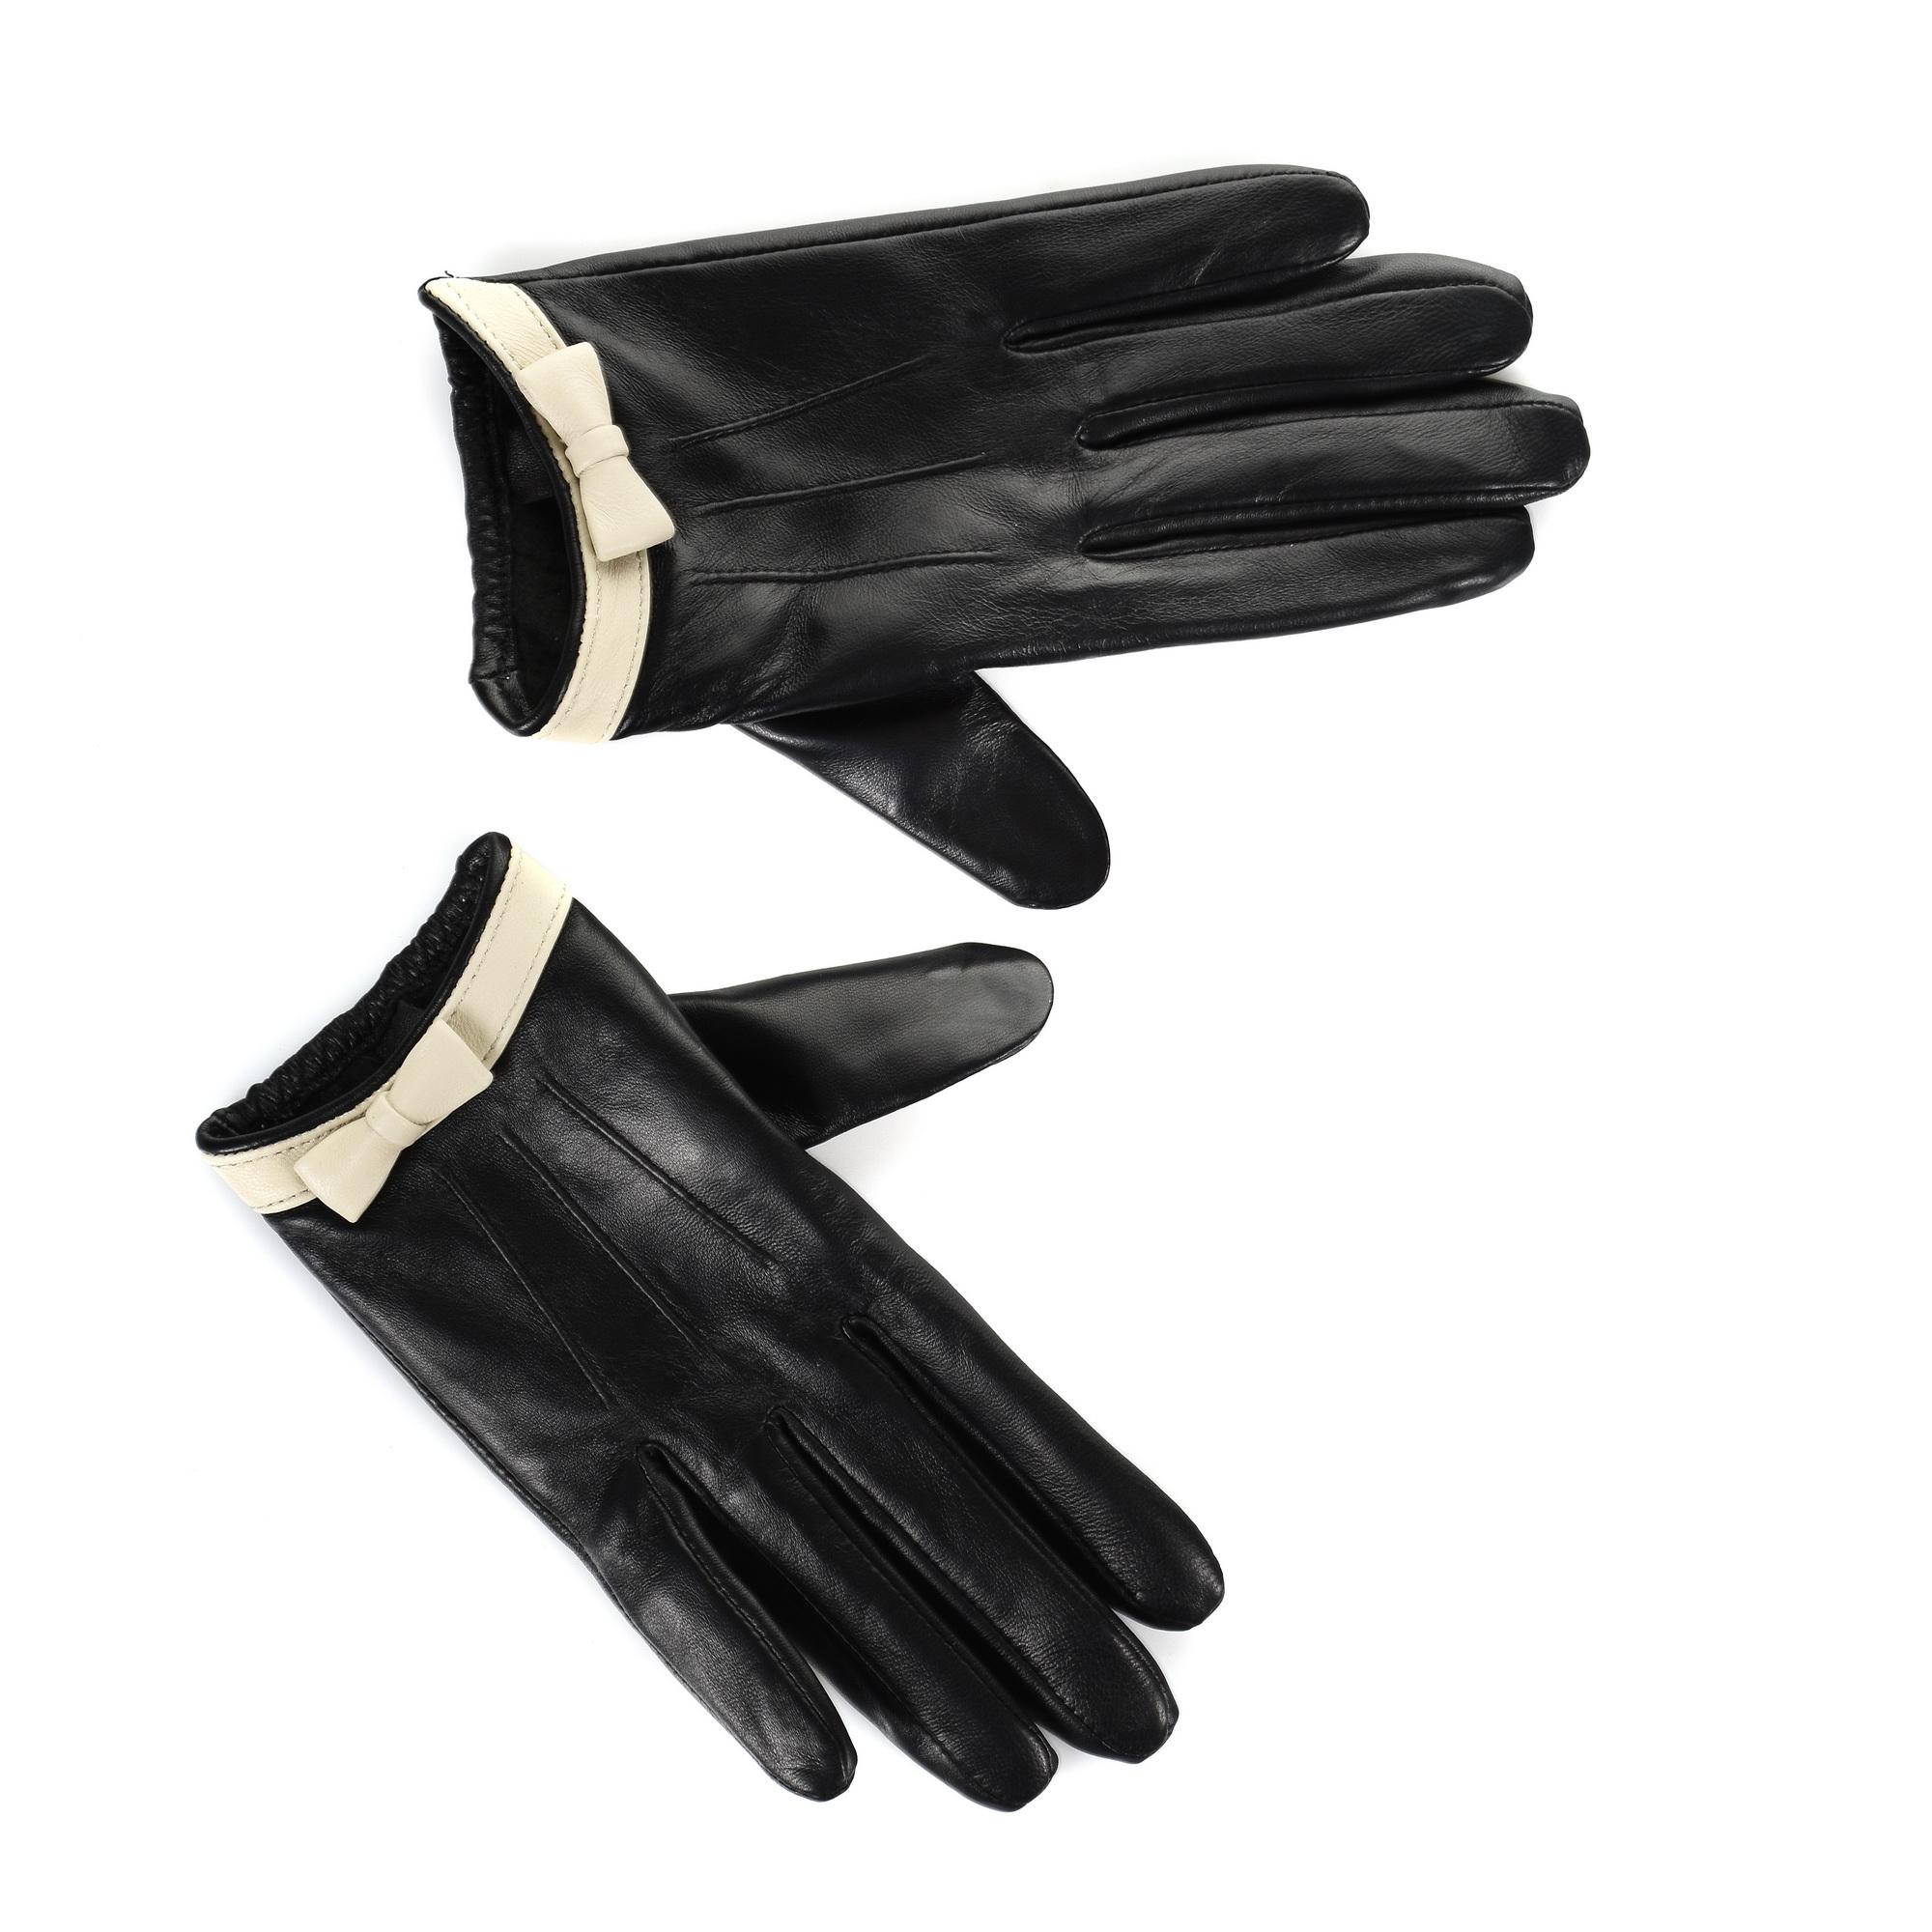 Δερμάτινα Γάντια Guy Laroche 98873 γυναικα   γυναικείο γάντι